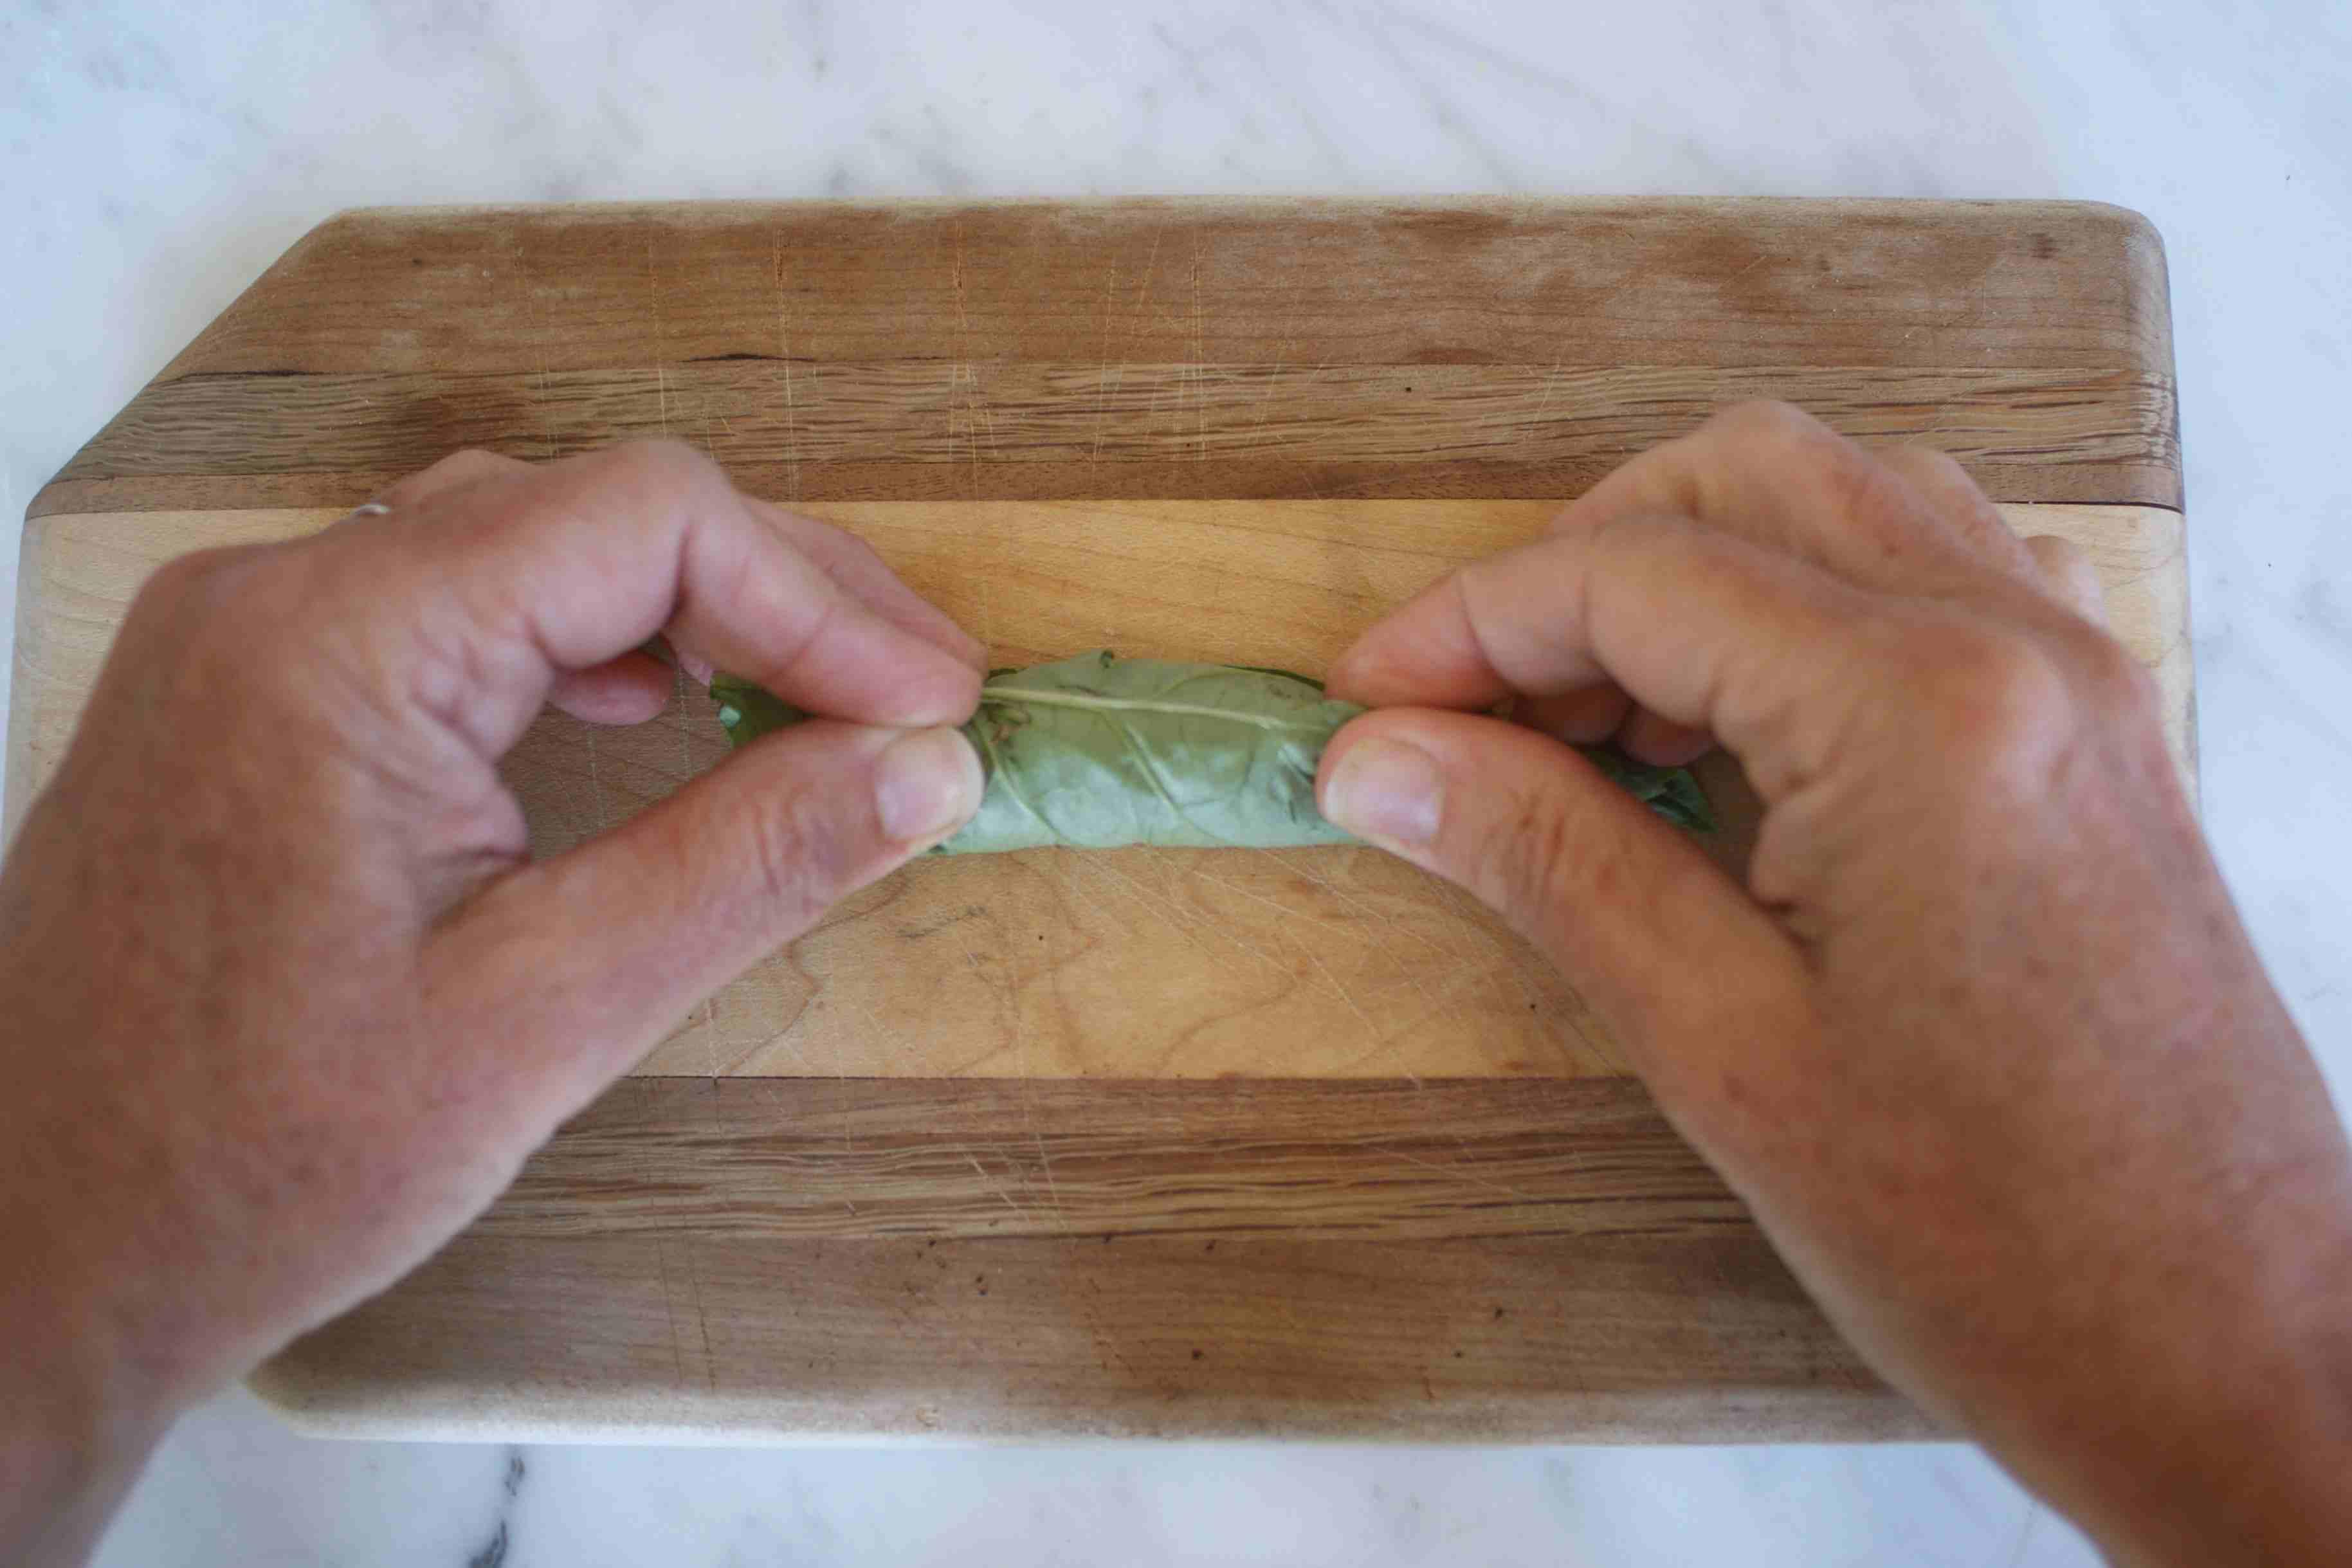 Preparing Basil to Chiffonade